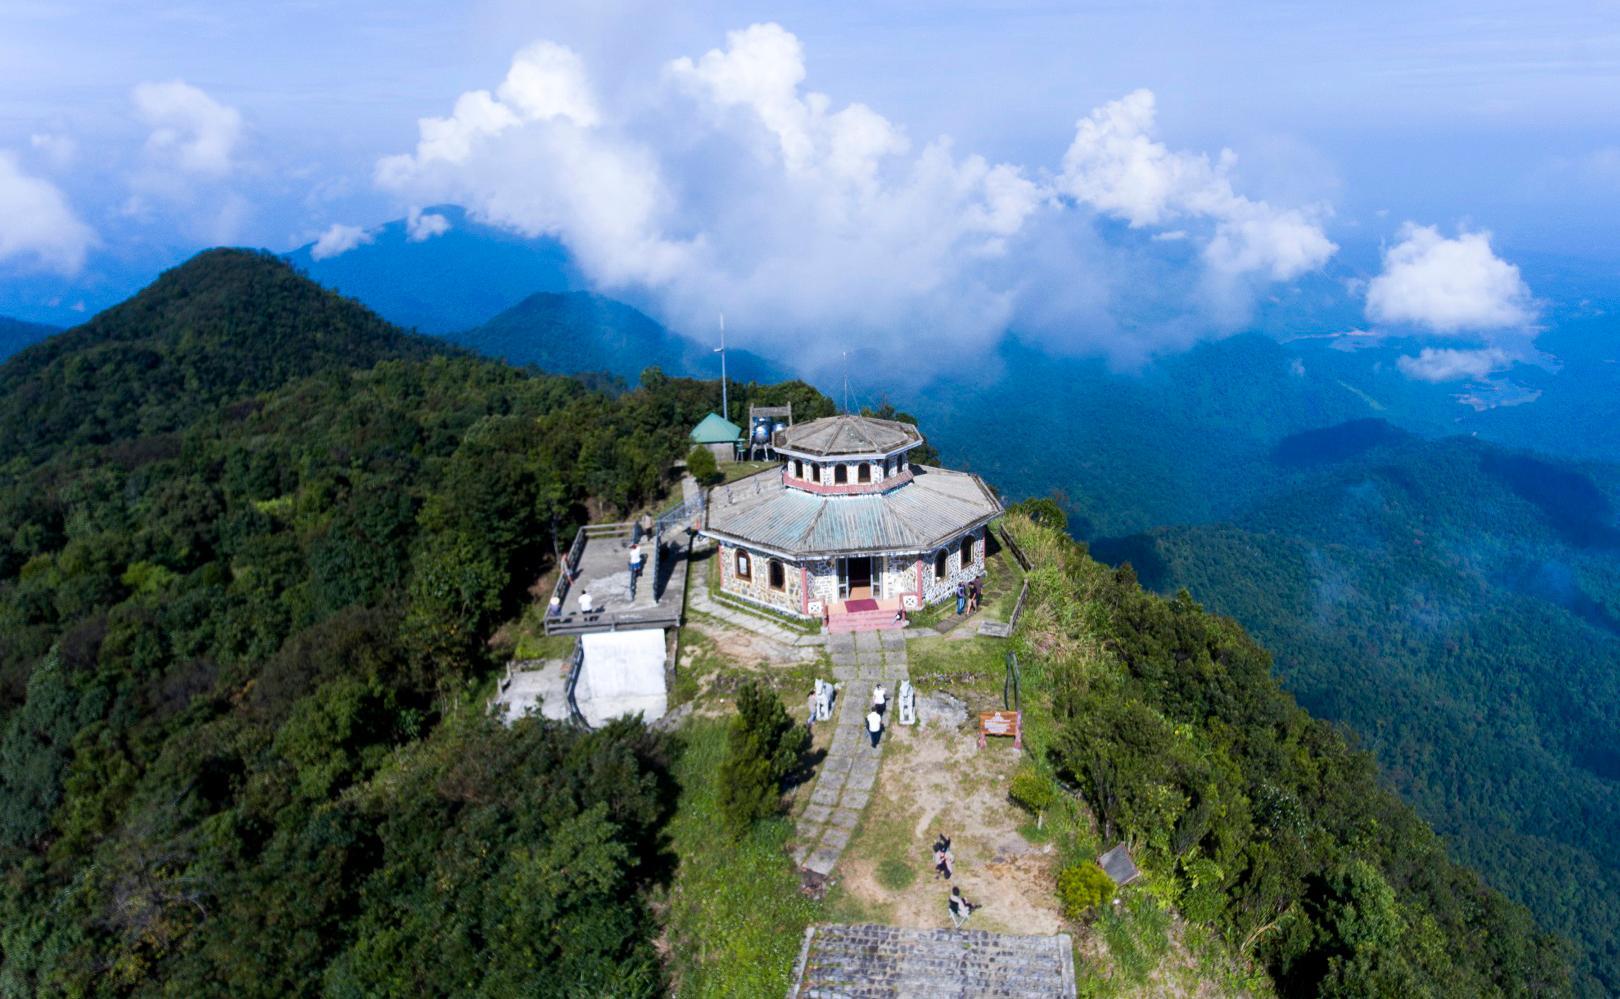 Cách thành phố Huế khoảng 40 km, Vườn quốc gia Bạch Mã là dải rừng nguyên sinh duy nhất của Việt Nam, khu vực này quy tụ nhiều loại động vật và thực vật quý hiếm của miền nhiệt đới